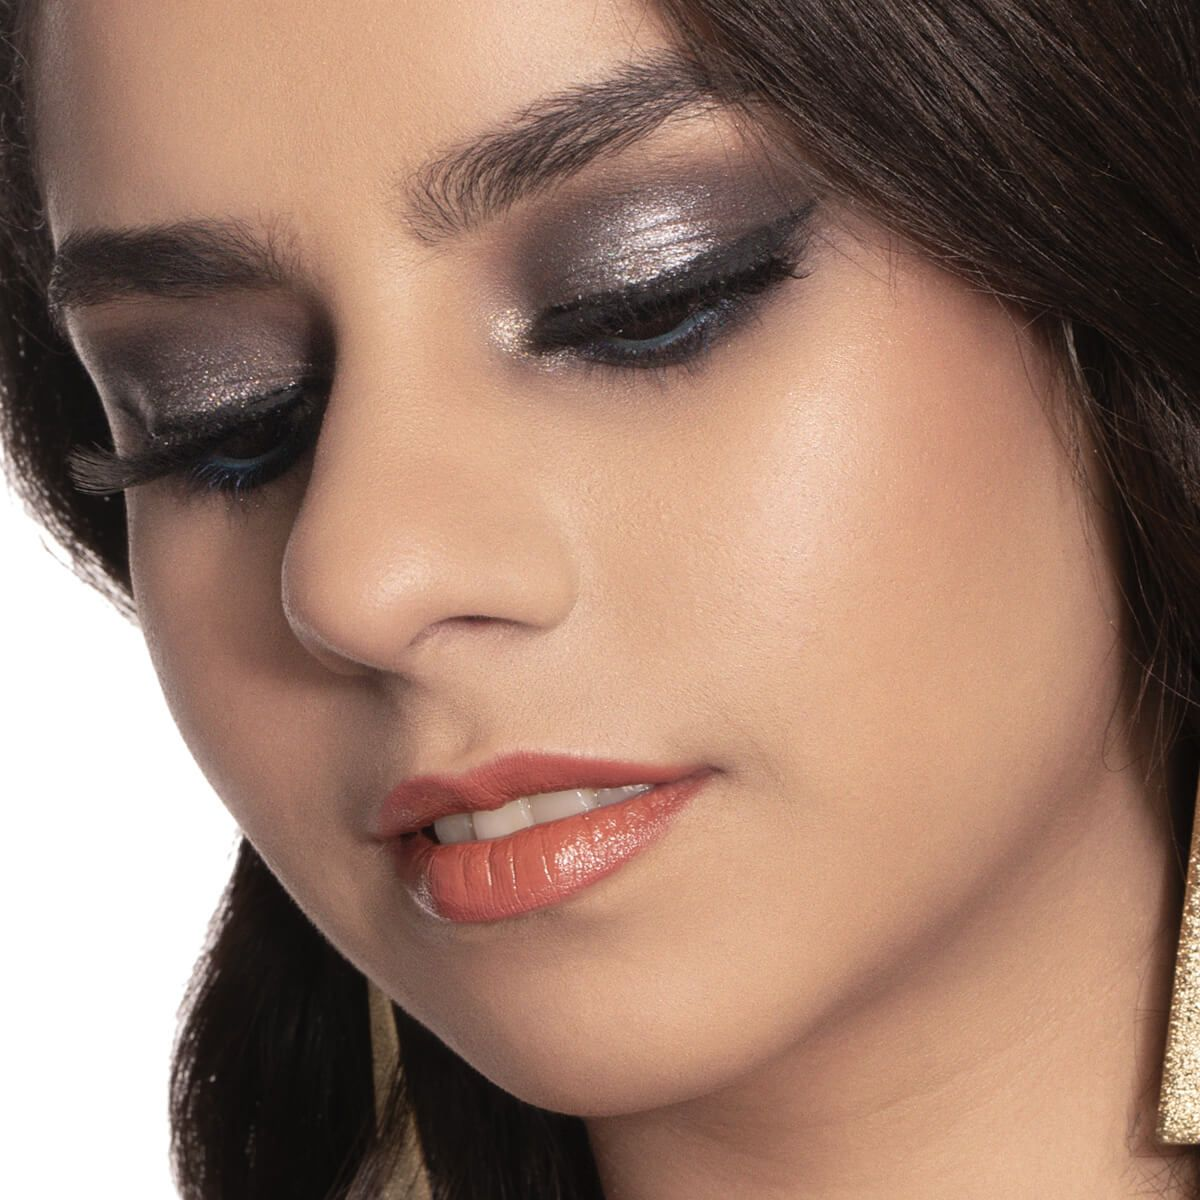 GOLDEN GLOBES 2020: Winnie Harlow's Makeup Look